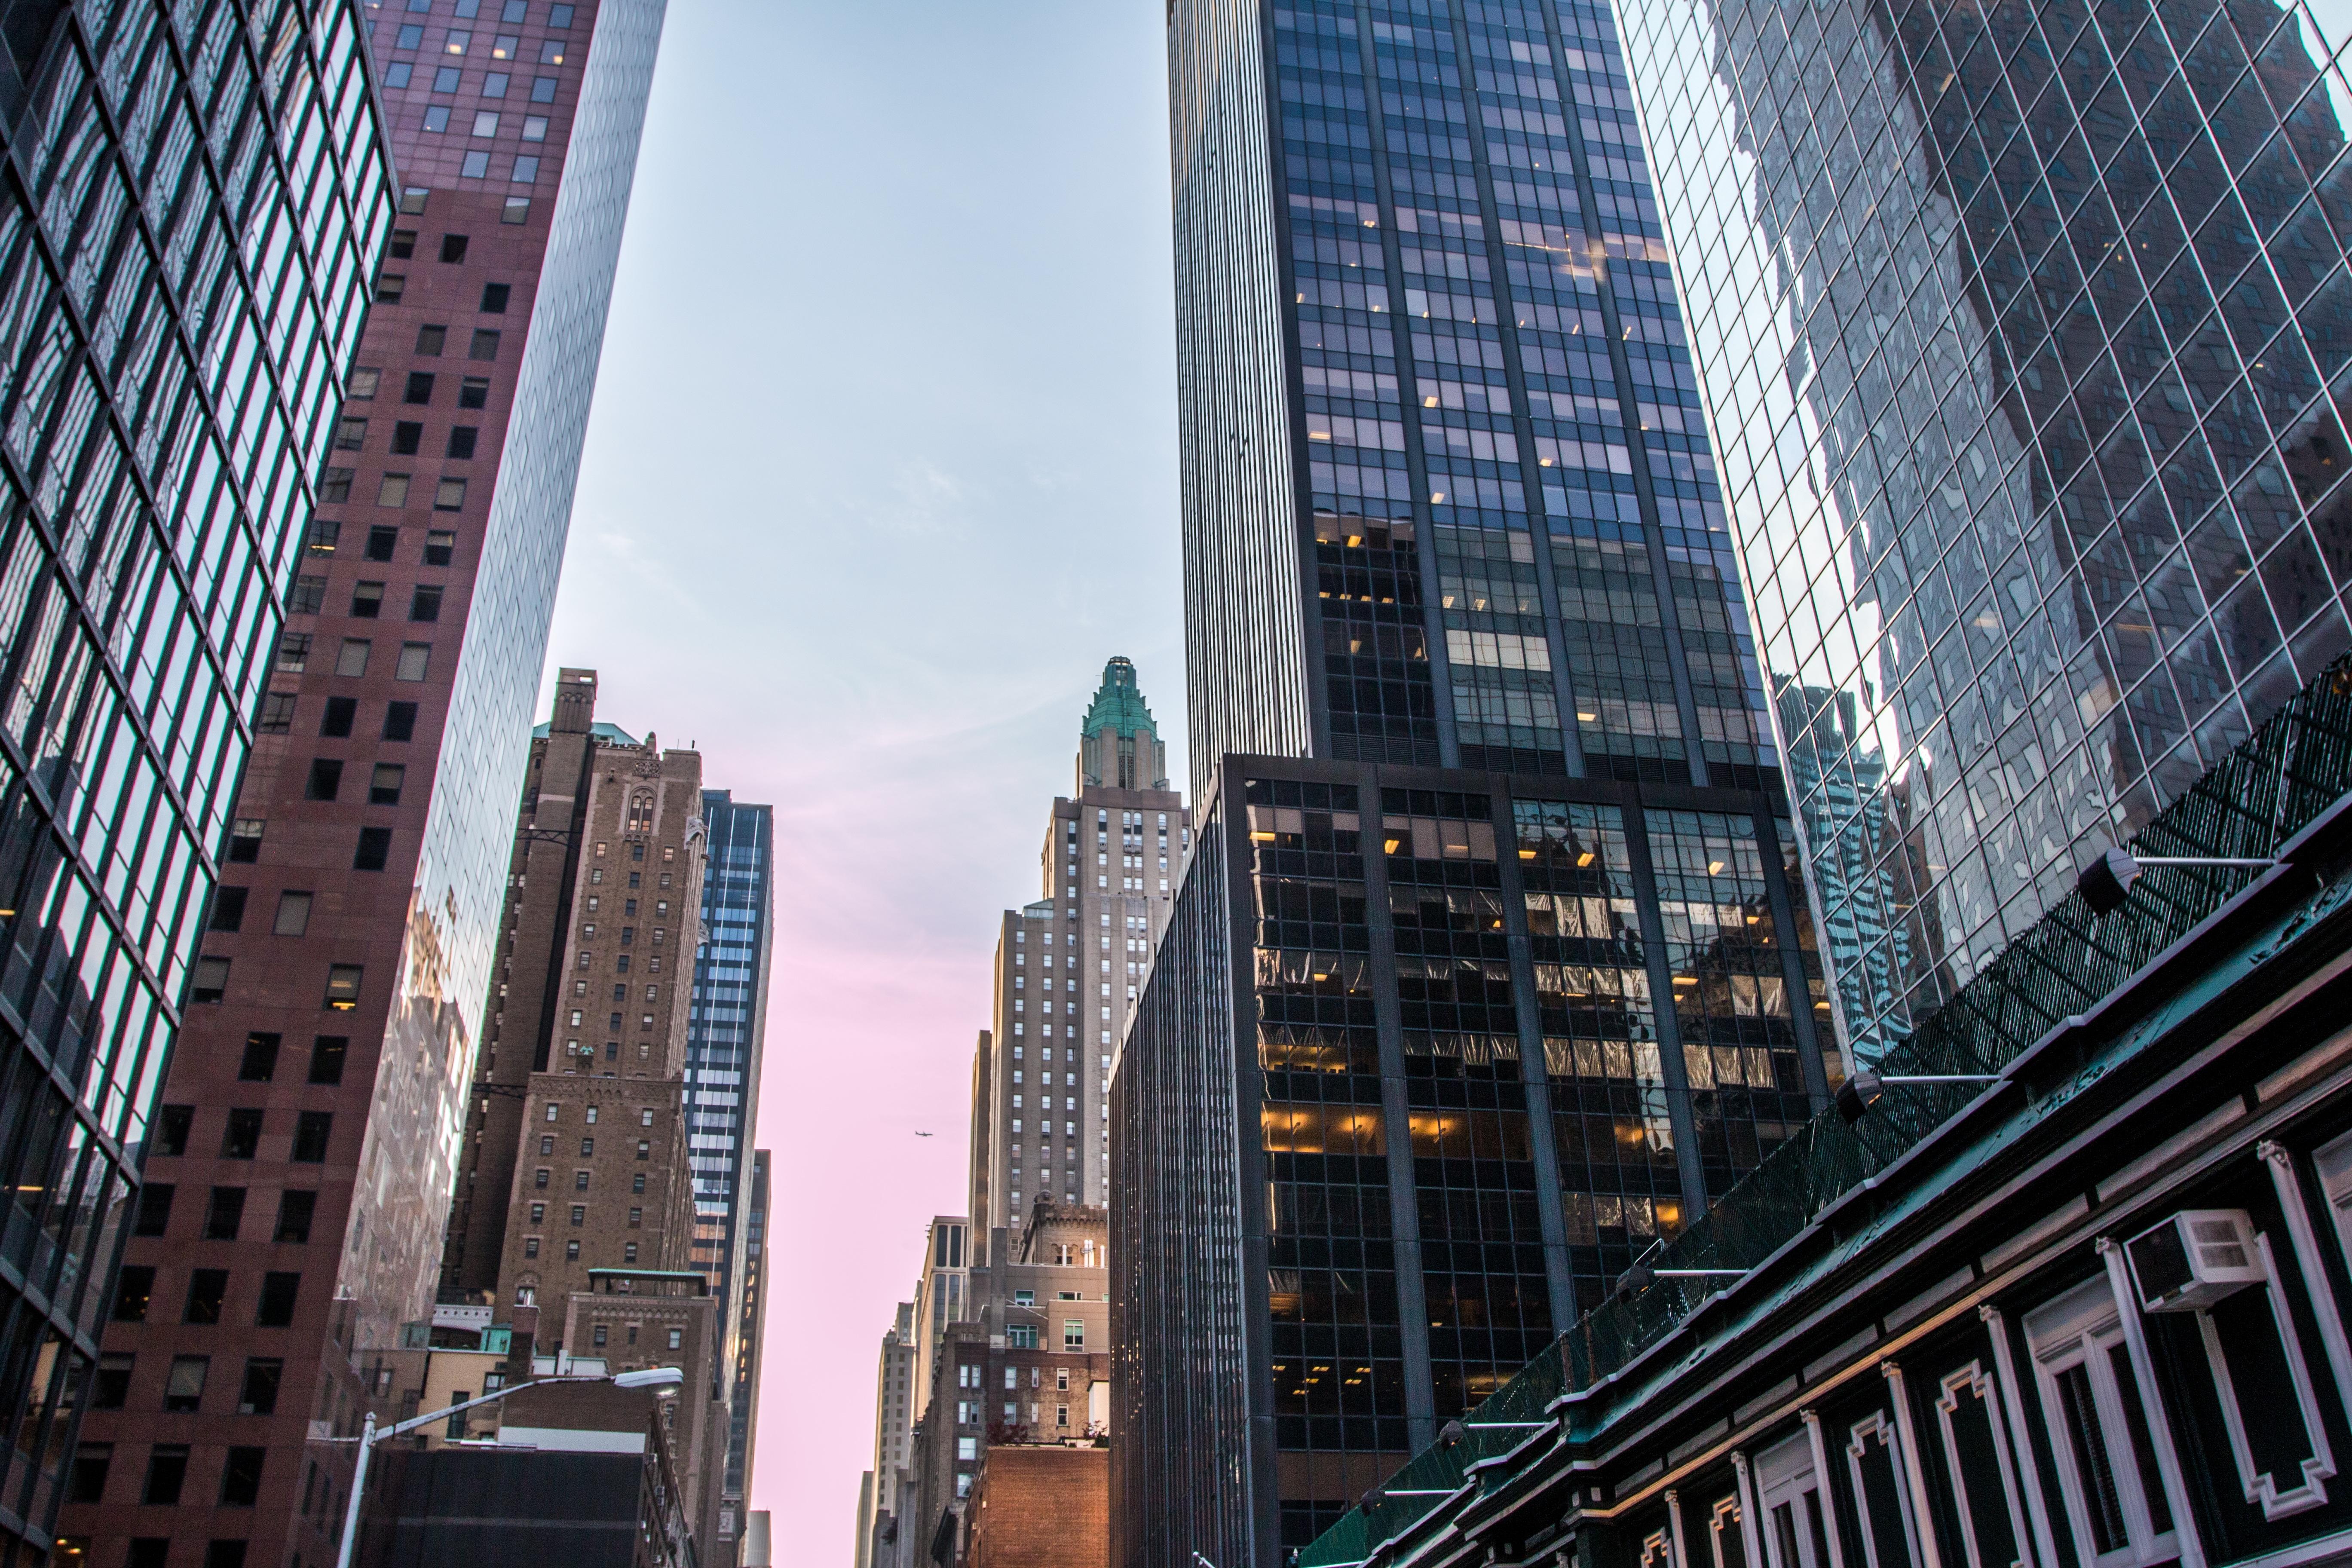 fotos gratis horizonte calle edificio rascacielos nueva york manhattan paisaje urbano centro de la ciudad torre estados unidos